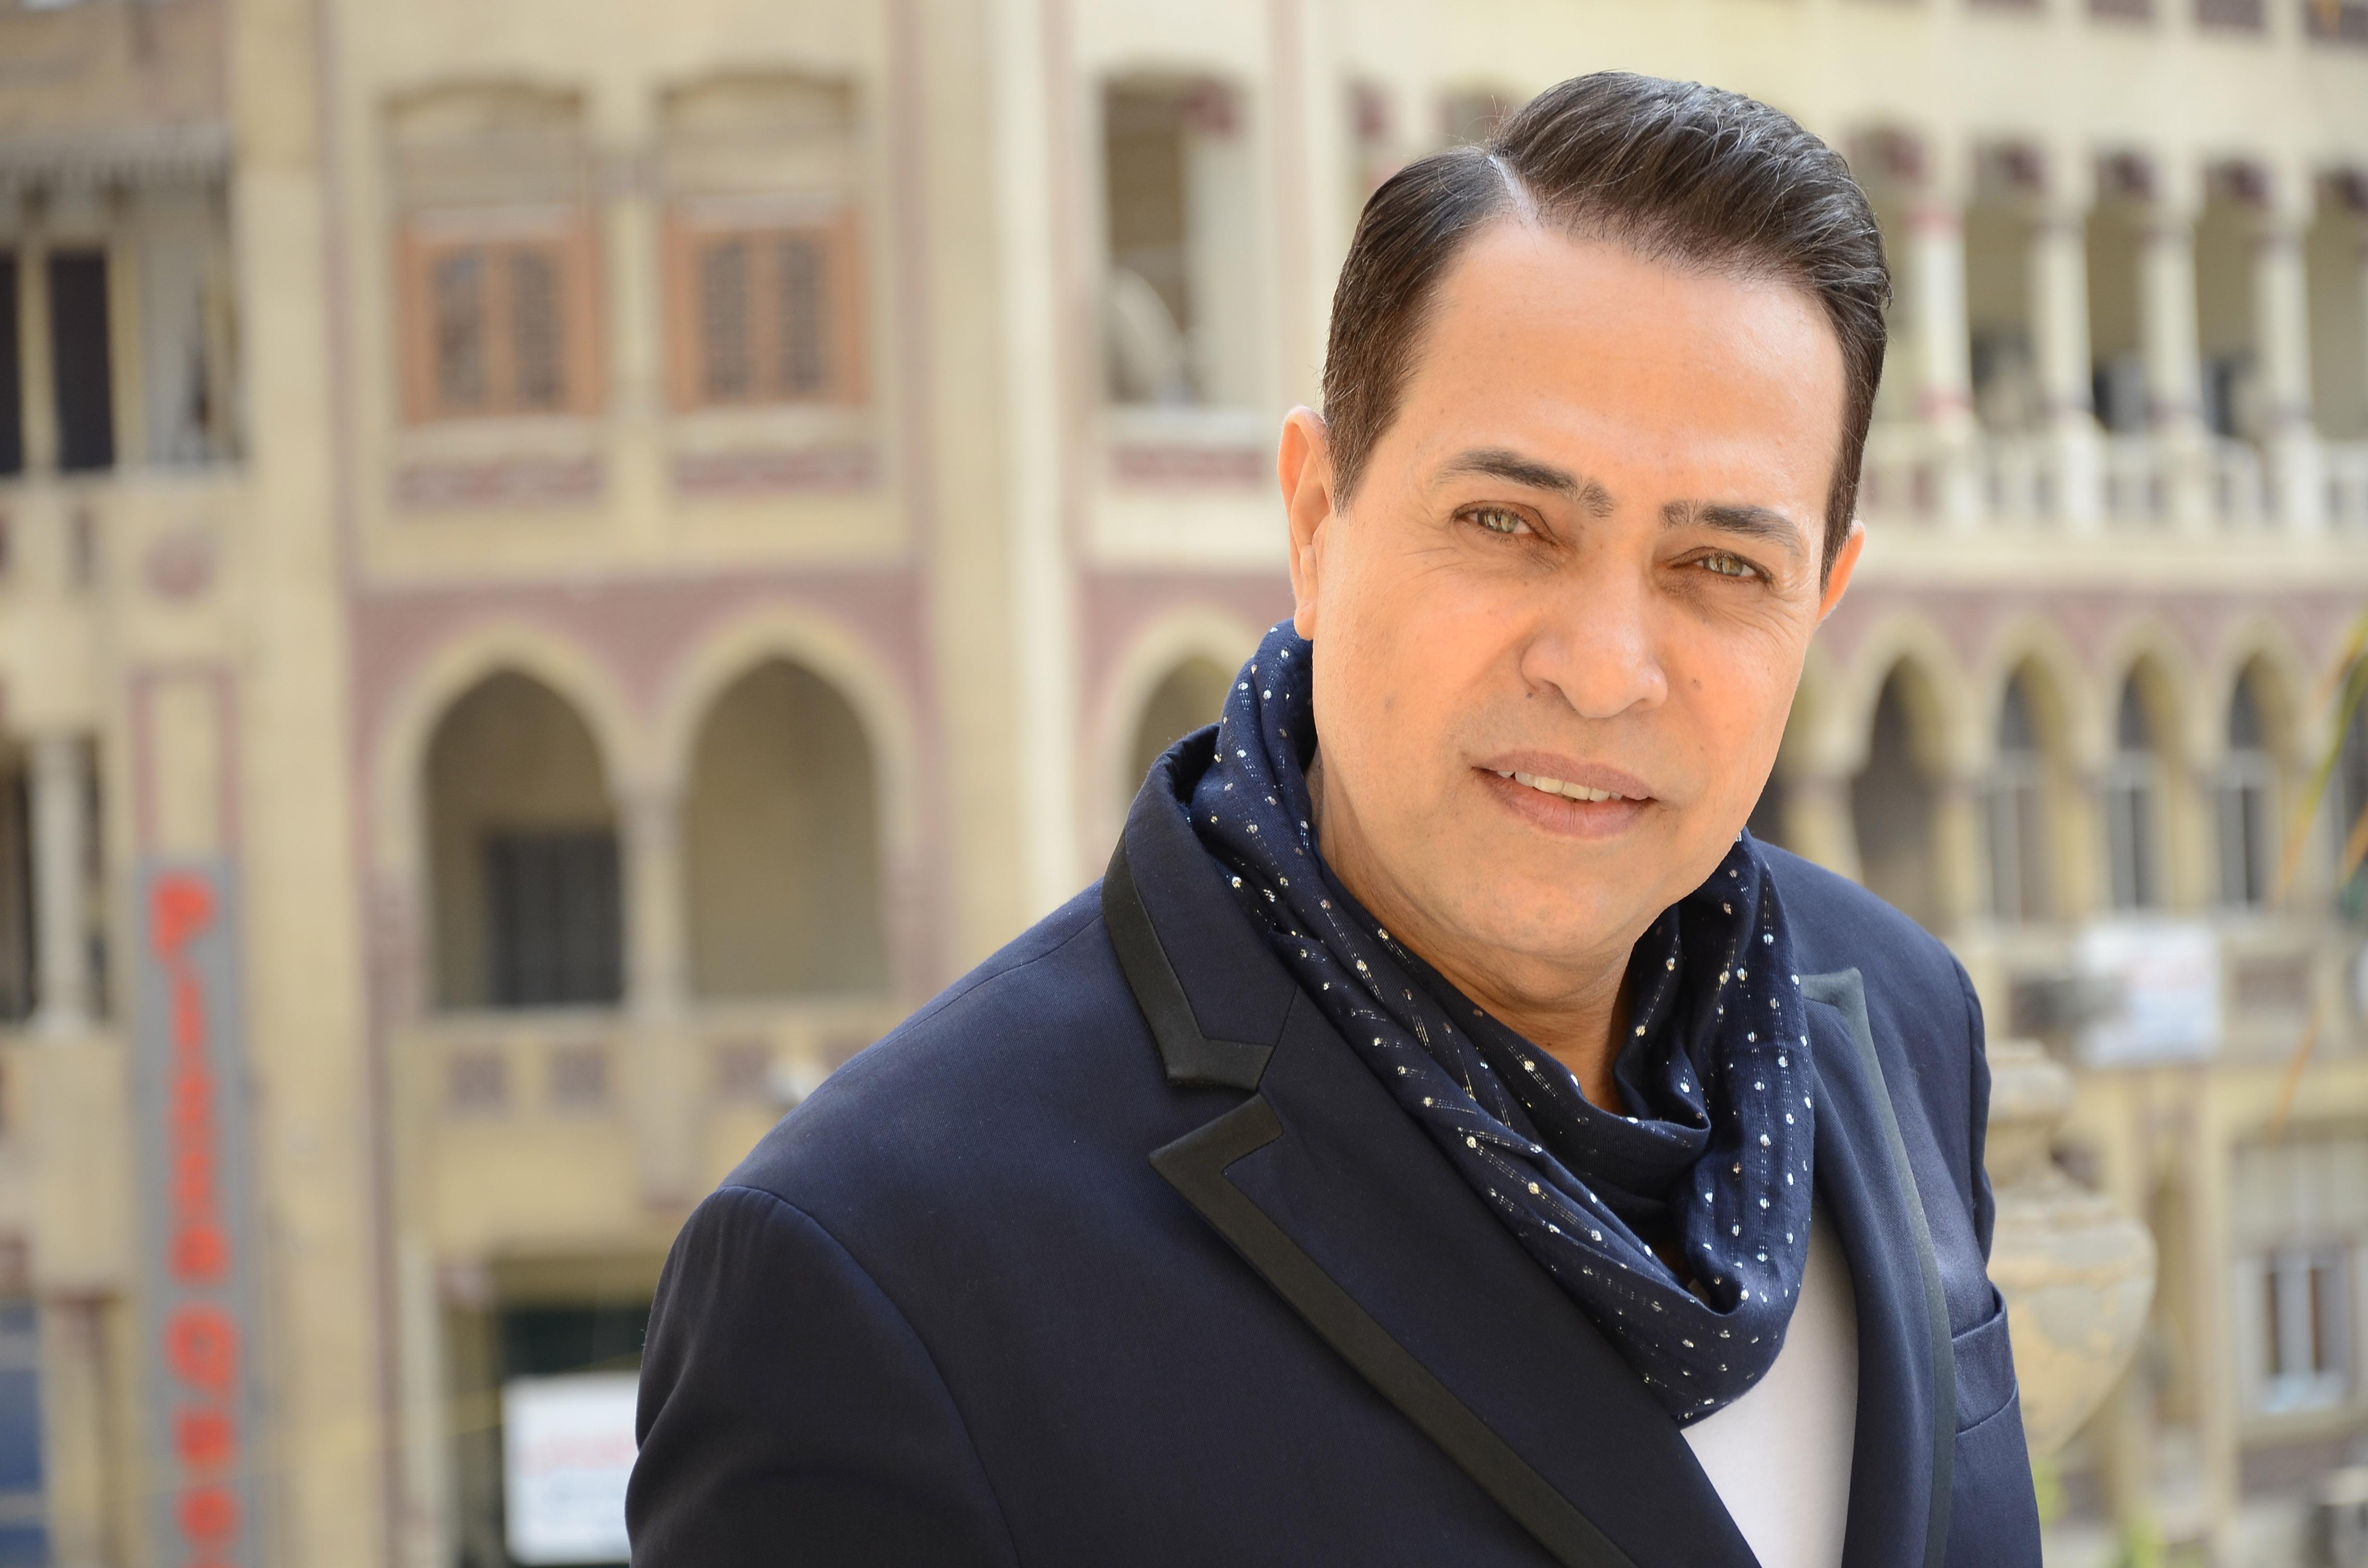 صورة حكيم نجم العرب الدائم في دبي